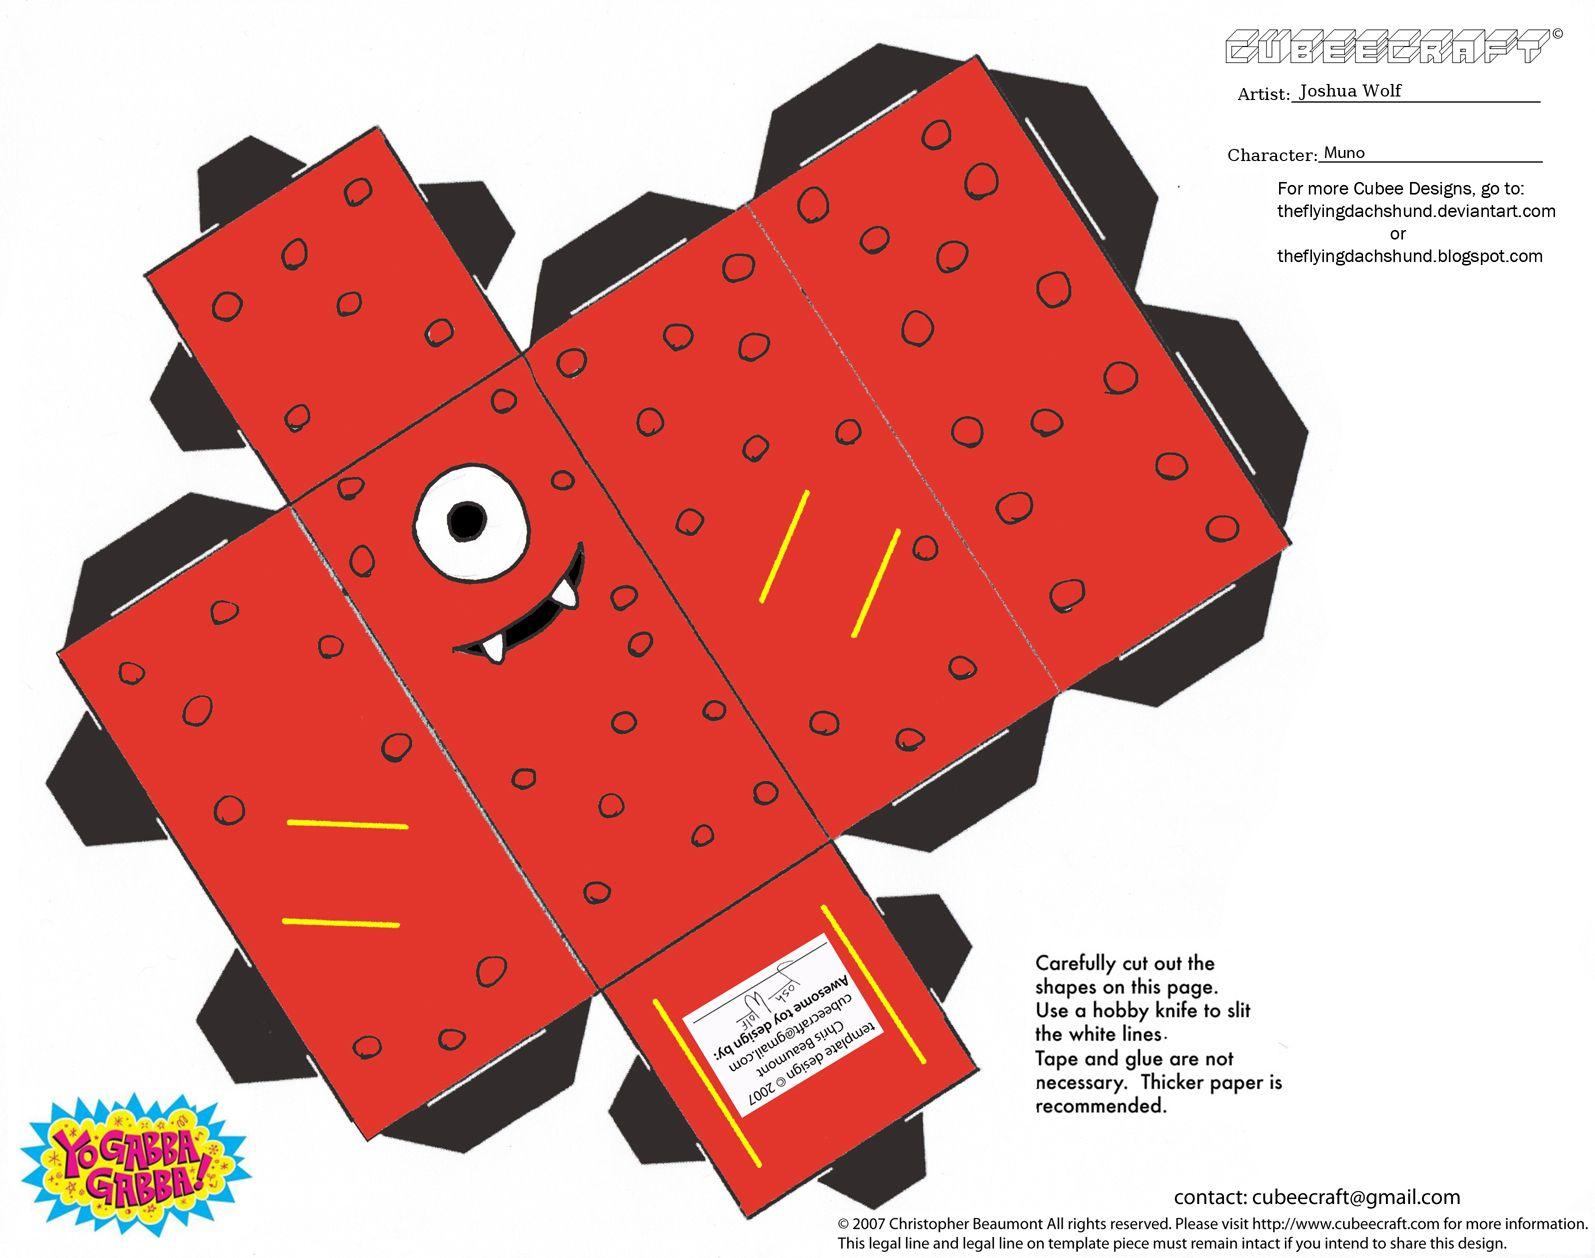 Ygg 1 Muno Cubee By Theflyingdachshundviantart On Deviantart